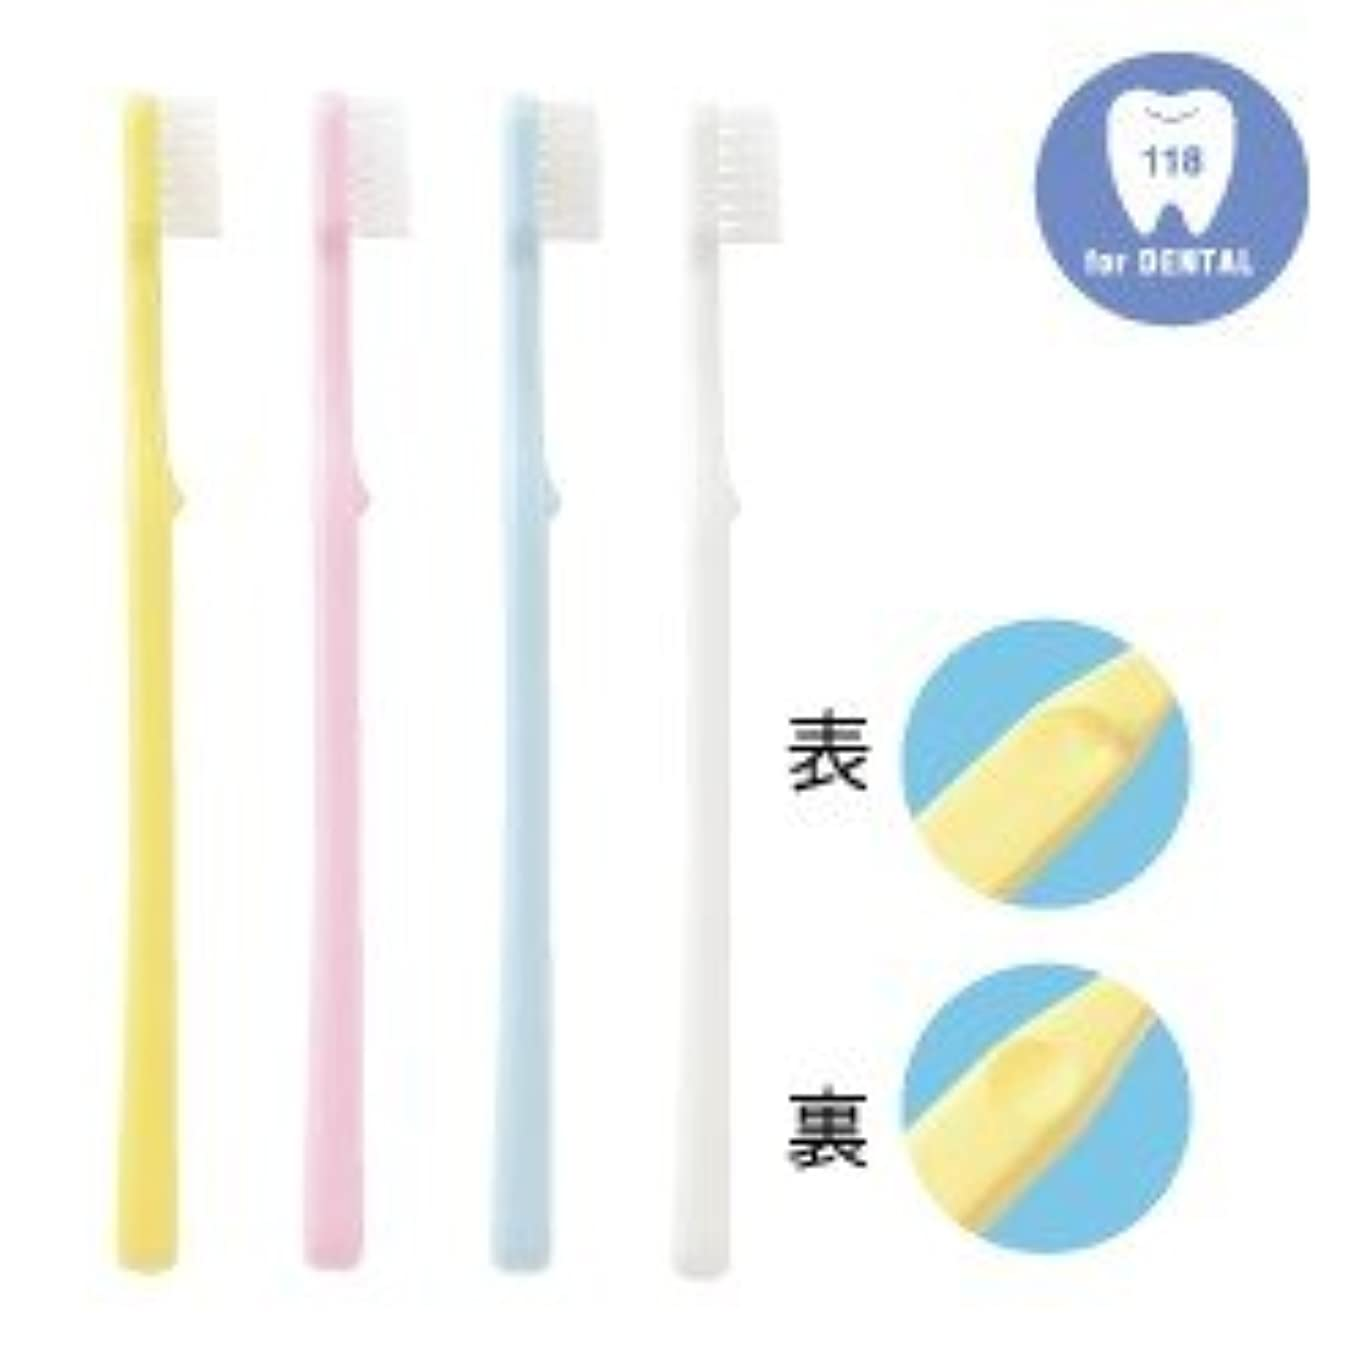 命令独創的官僚歯科専用歯ブラシ フォーカス 子供用 118シリーズ M(ふつう) 20本